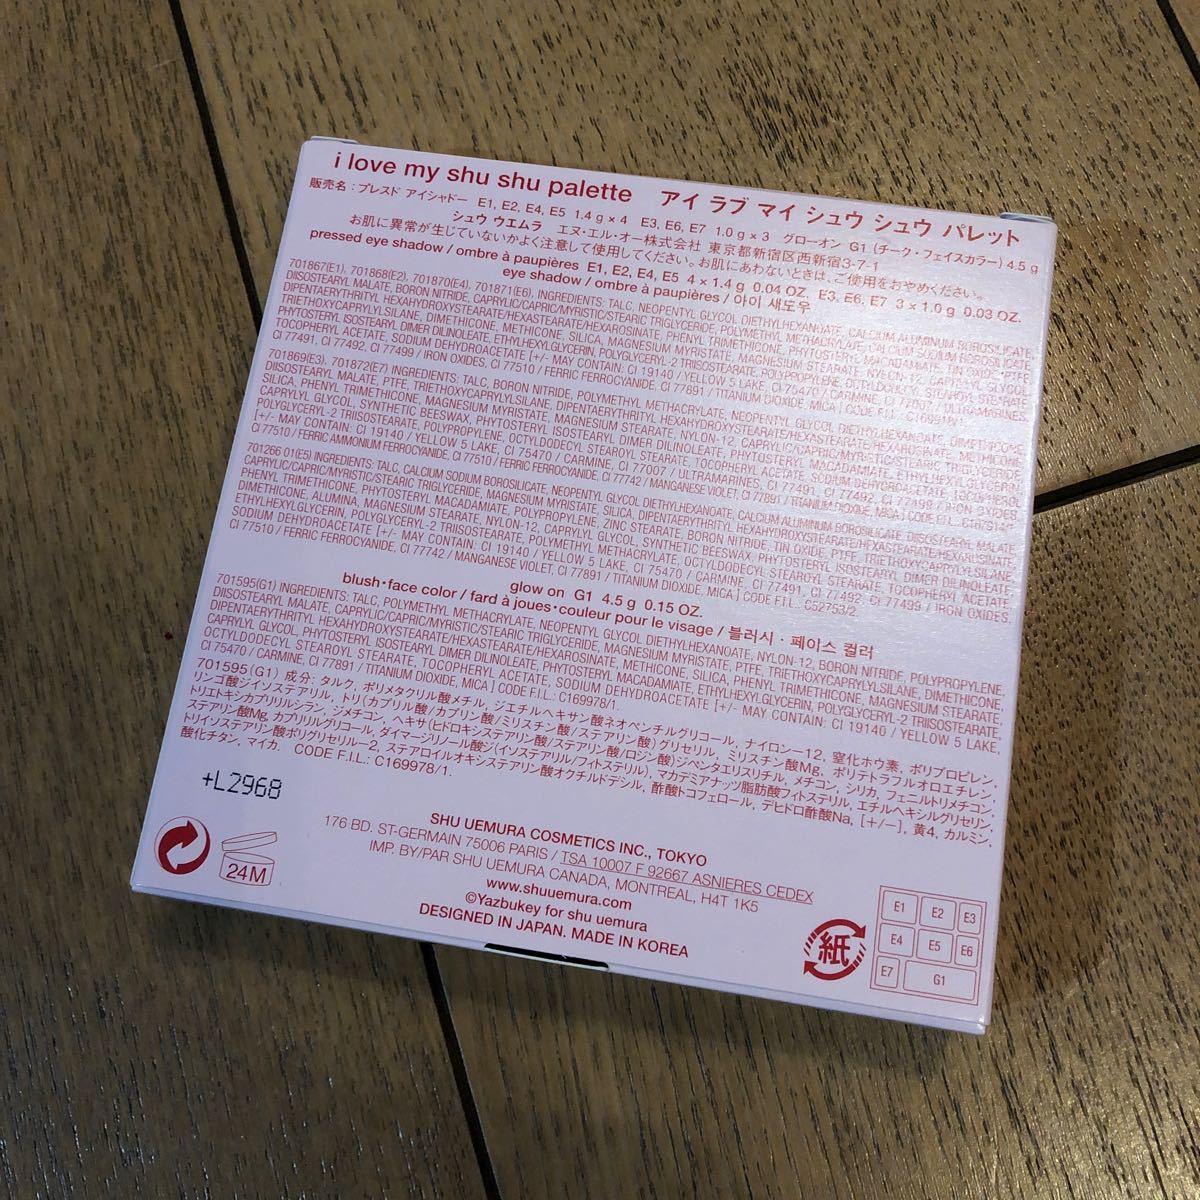 シュウウエムラ パレット 7xプレストアイシャドウ + 1xブラッシュカラー 13.1g